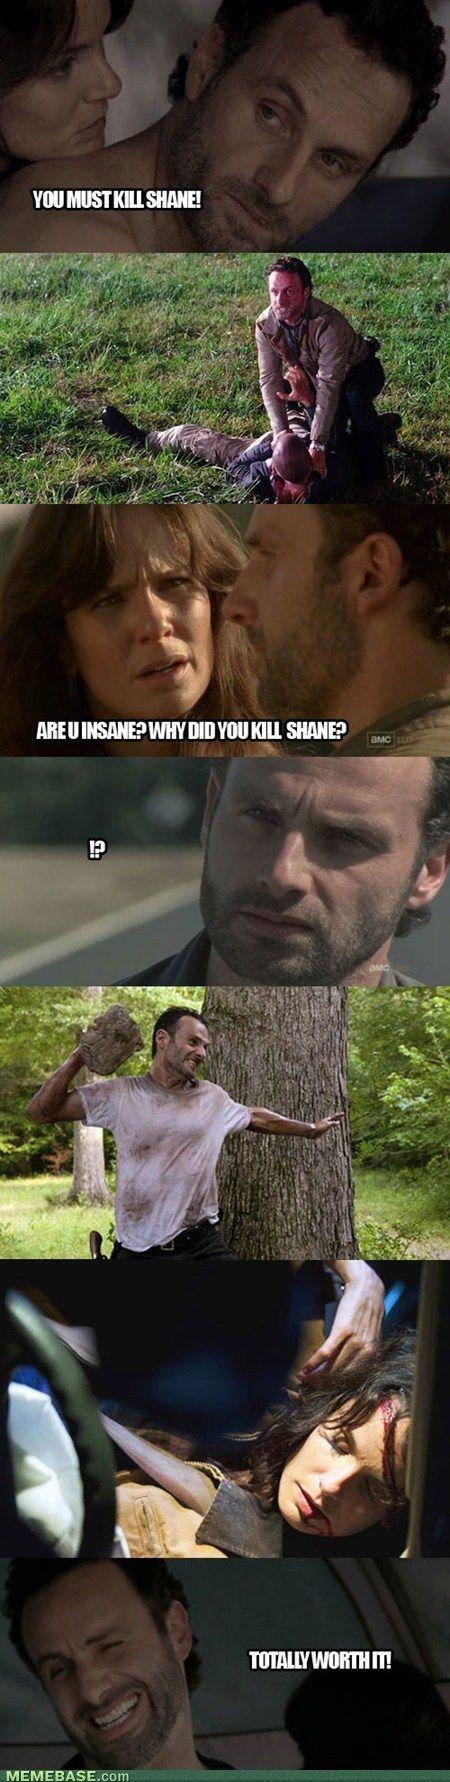 Walking Dead wishful thinking :)